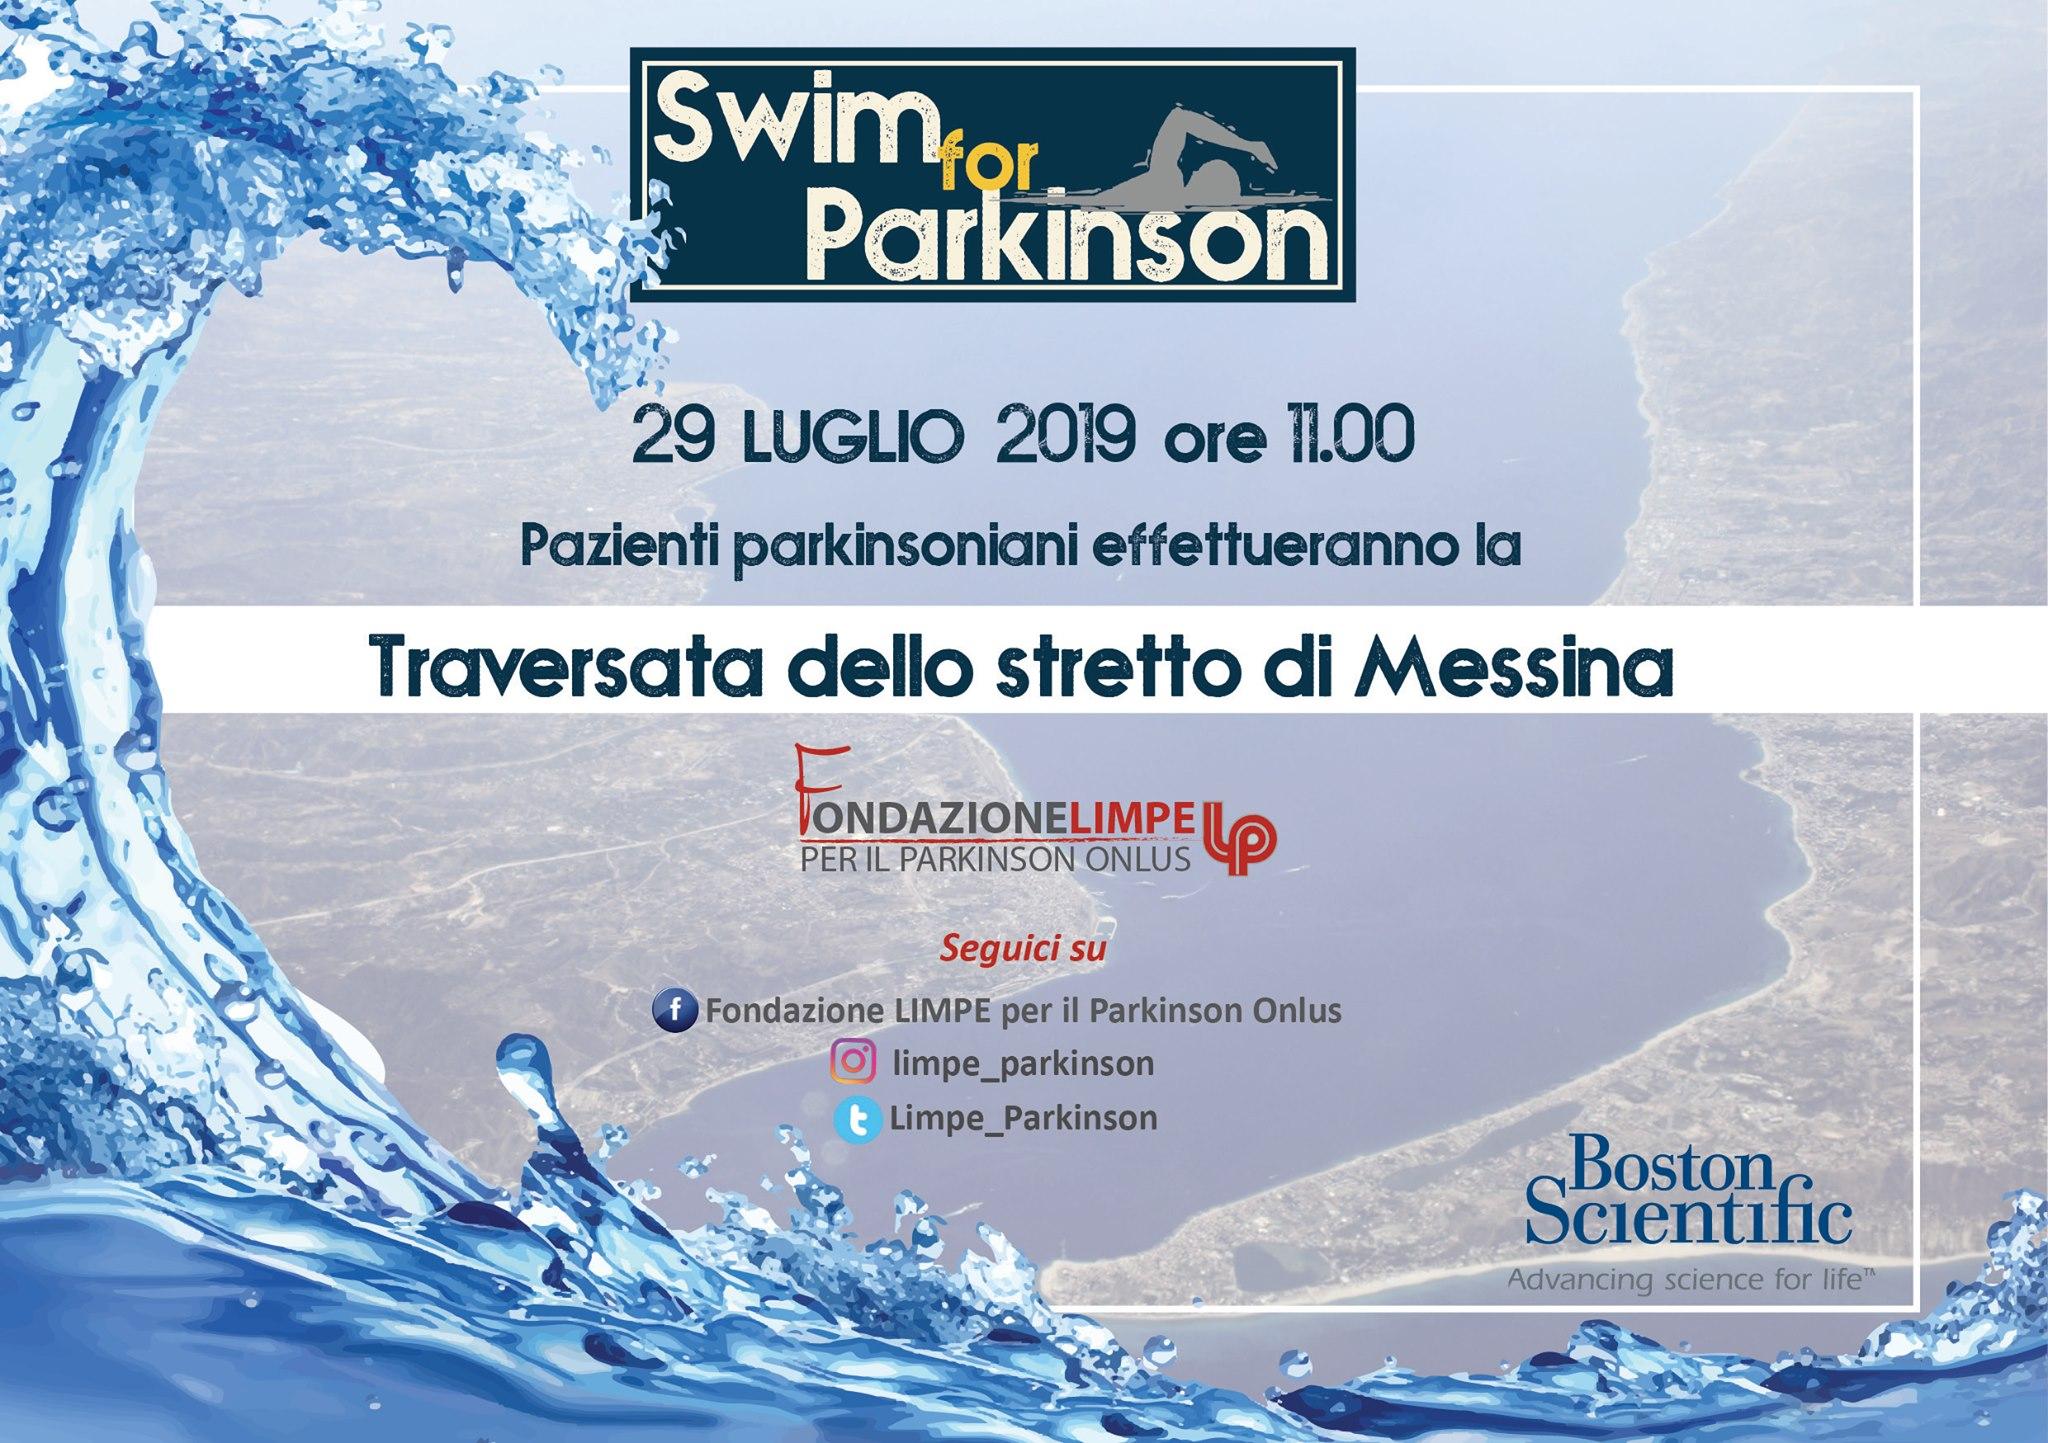 Swim for Parkinson-Traversata dello Stretto di Messina-29 luglio 2019